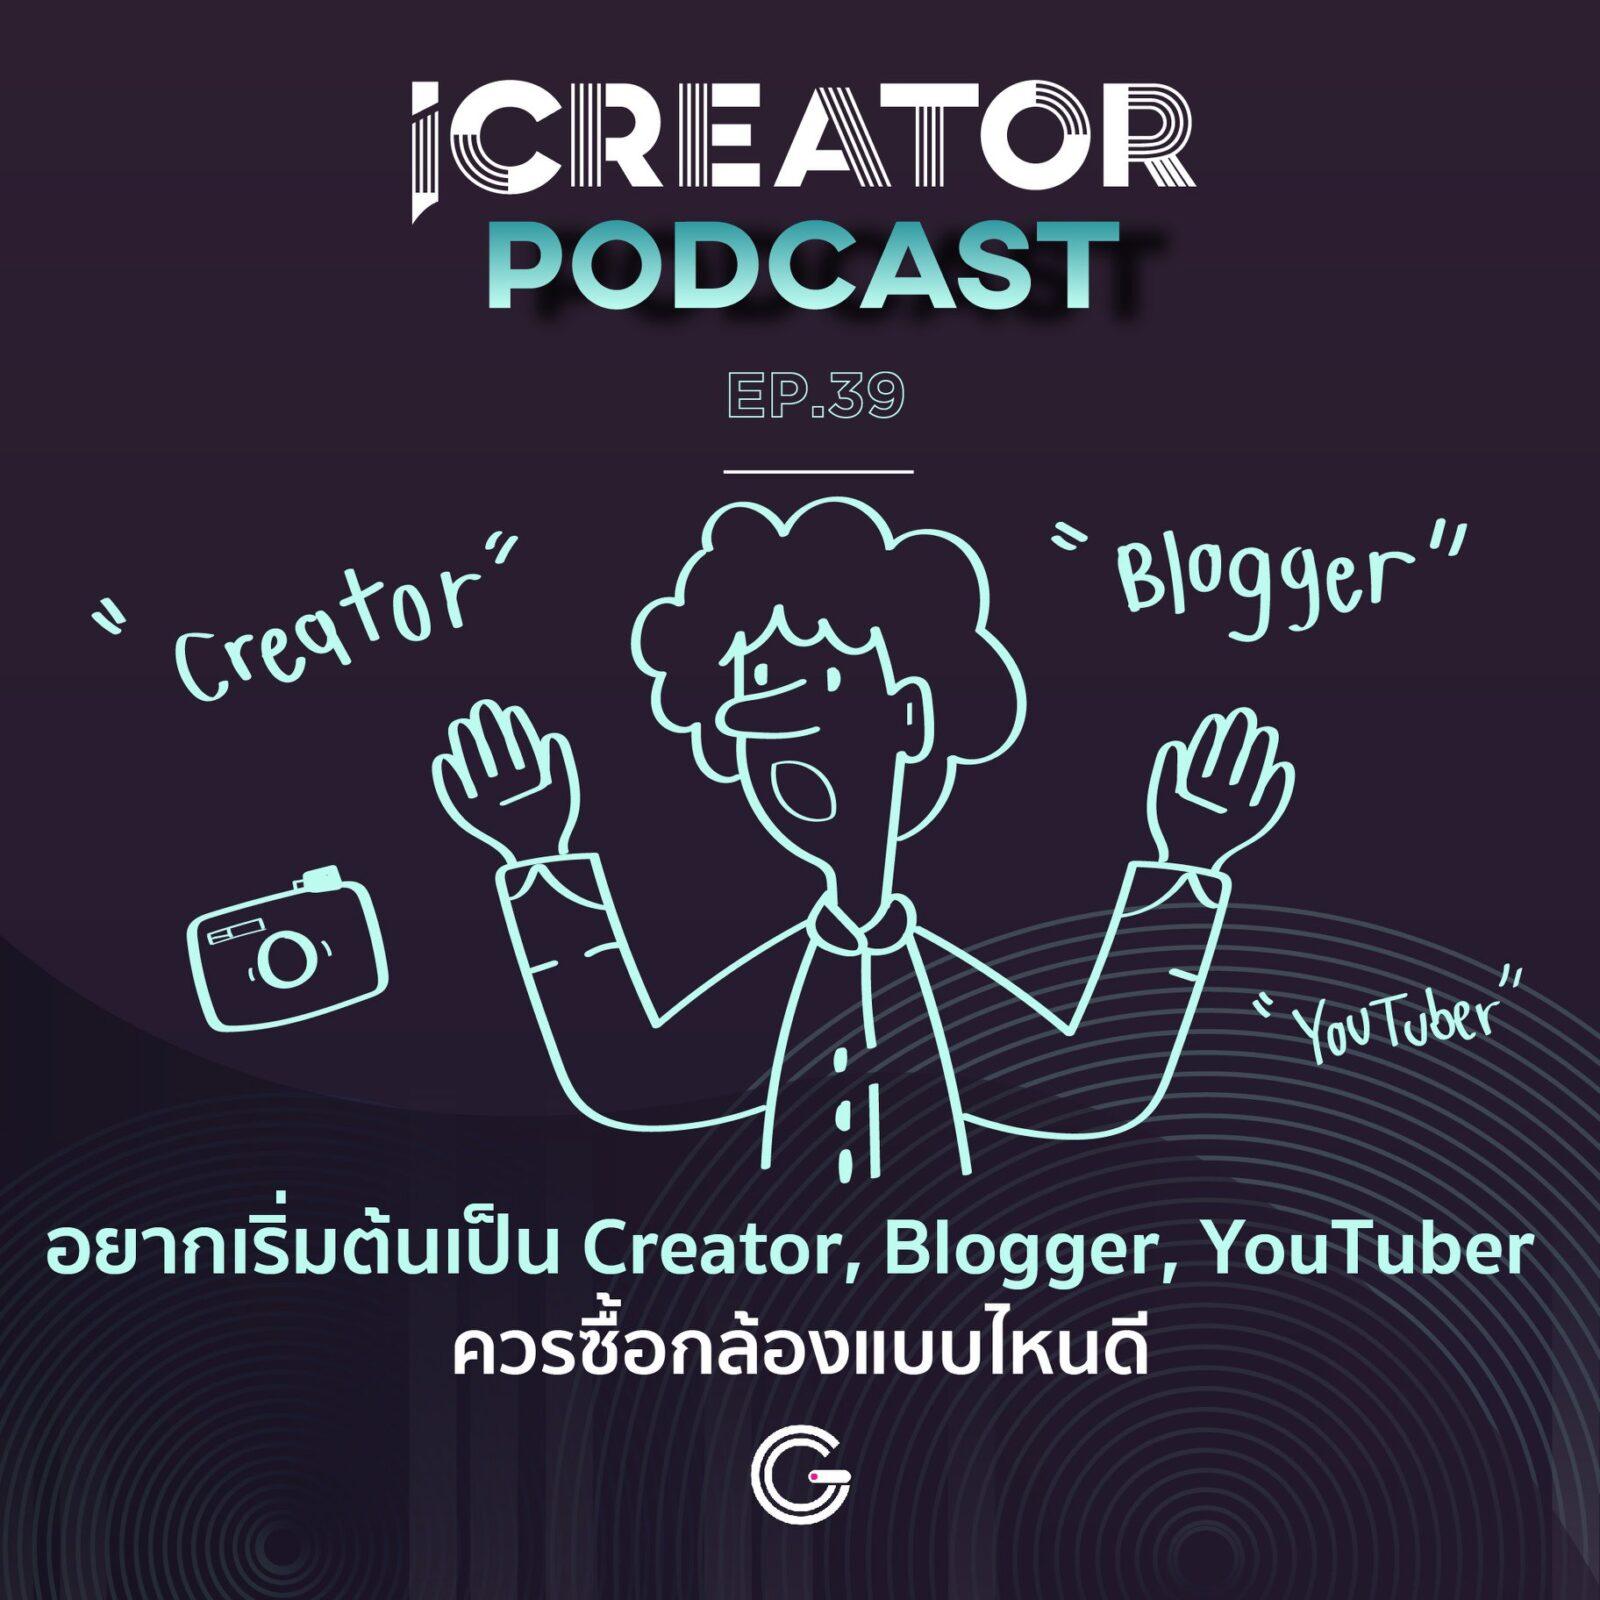 อยากเริ่มต้นเป็น Creator, Blogger, YouTuber ควรซื้อกล้องแบบไหนดี